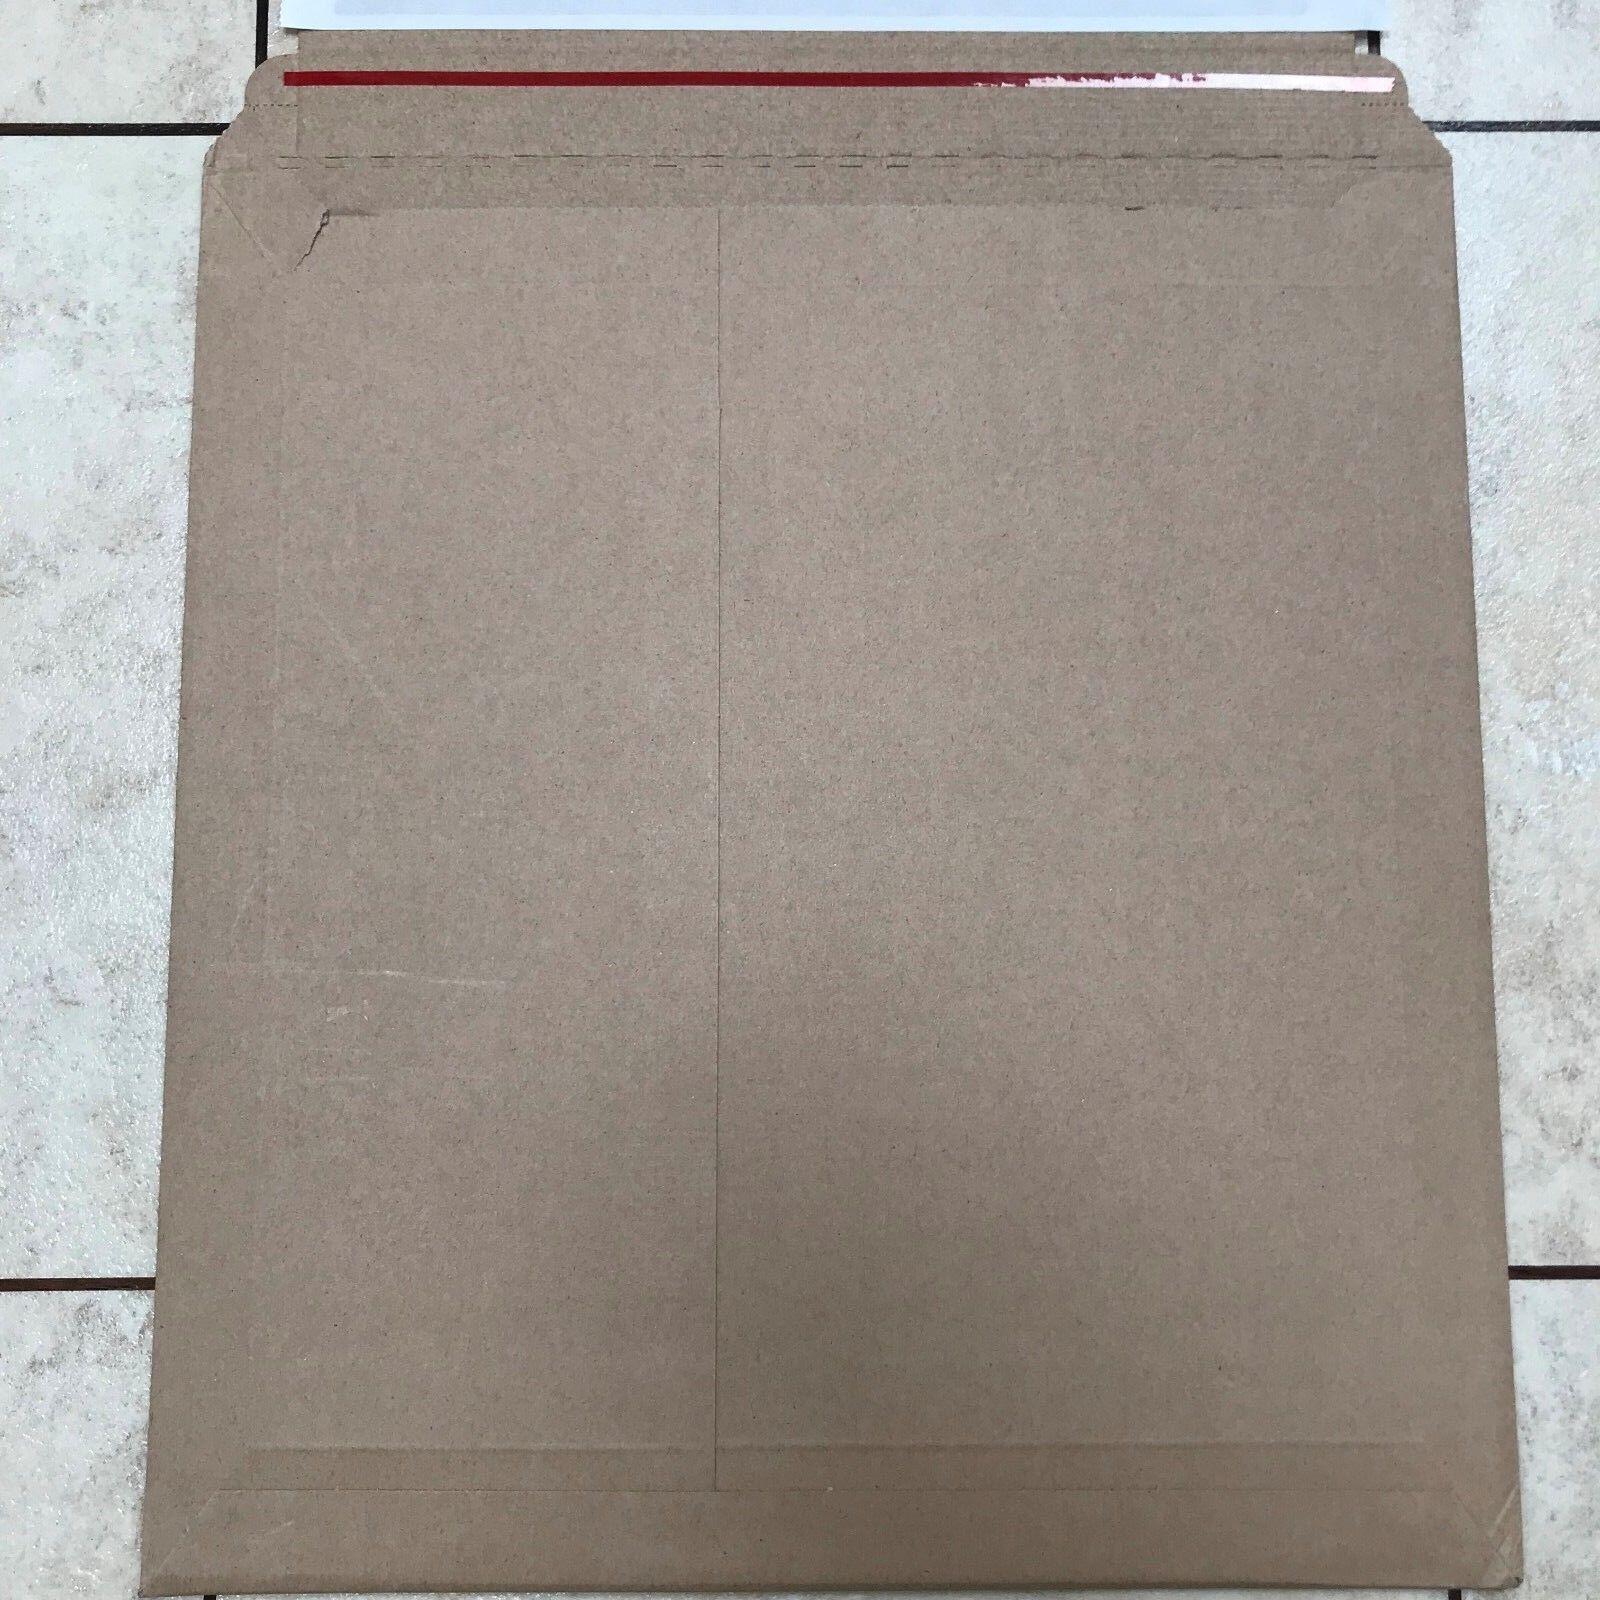 Plus forts tous Board Vinyl Disques LP Disques Vinyl pochettes + - raidisseurs 7